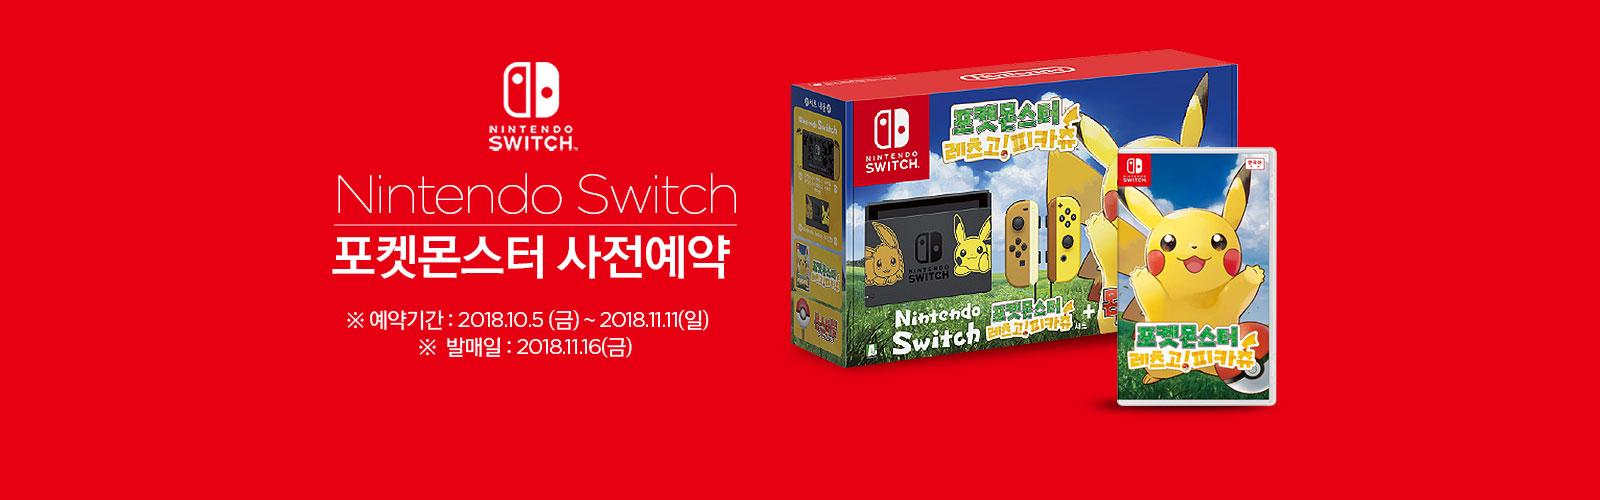 Nintendo Switch  포켓몬스터 사전예약  ※ 예약기간 : 2018.10.5(금) ~2018.11.11(일) ※ 발매일 : 2018.11.16(금)